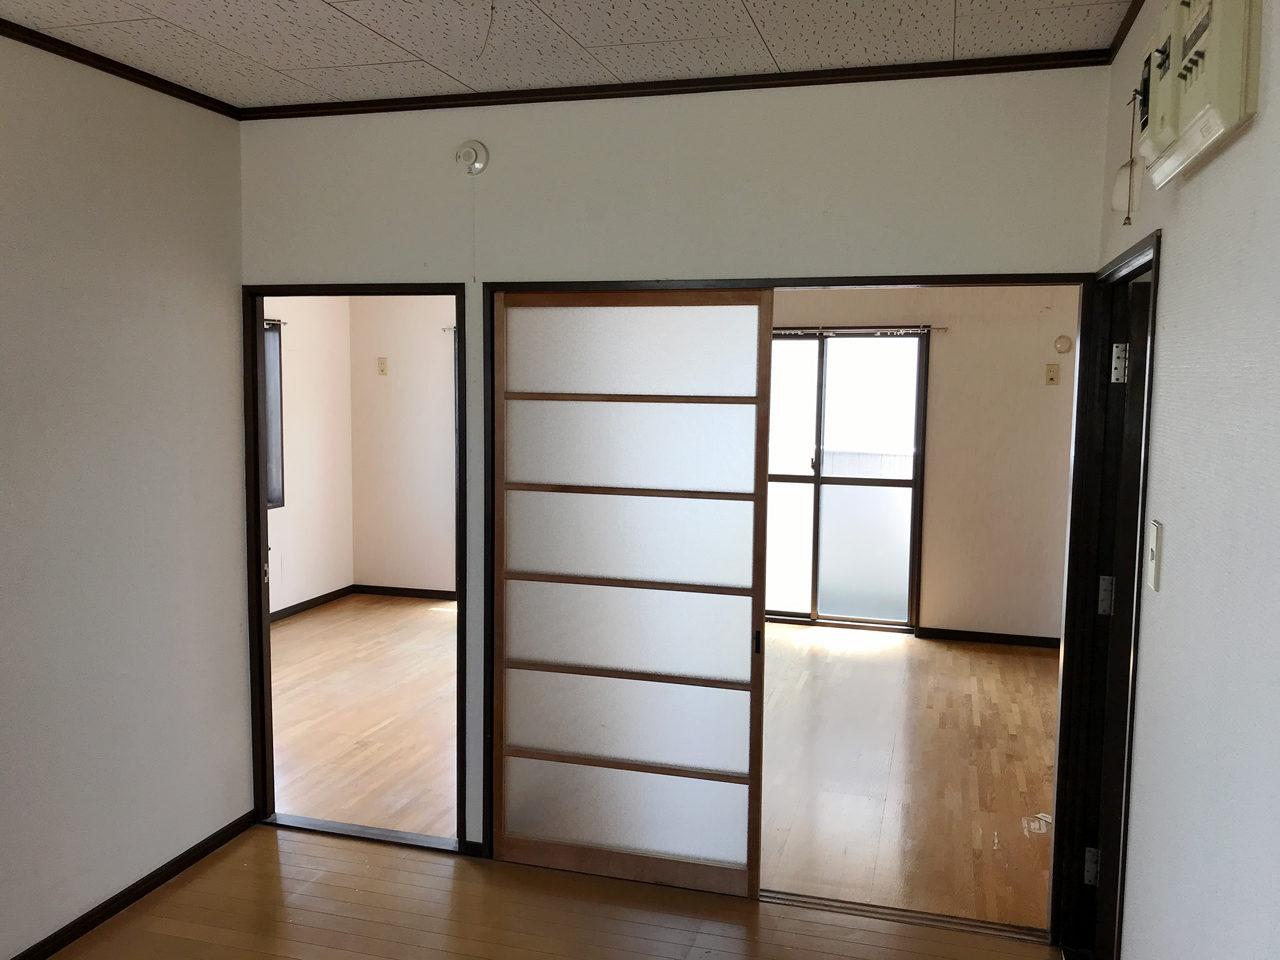 空き家を賃貸マンションへリノベーション改装設計、デザインの既設2階リビング